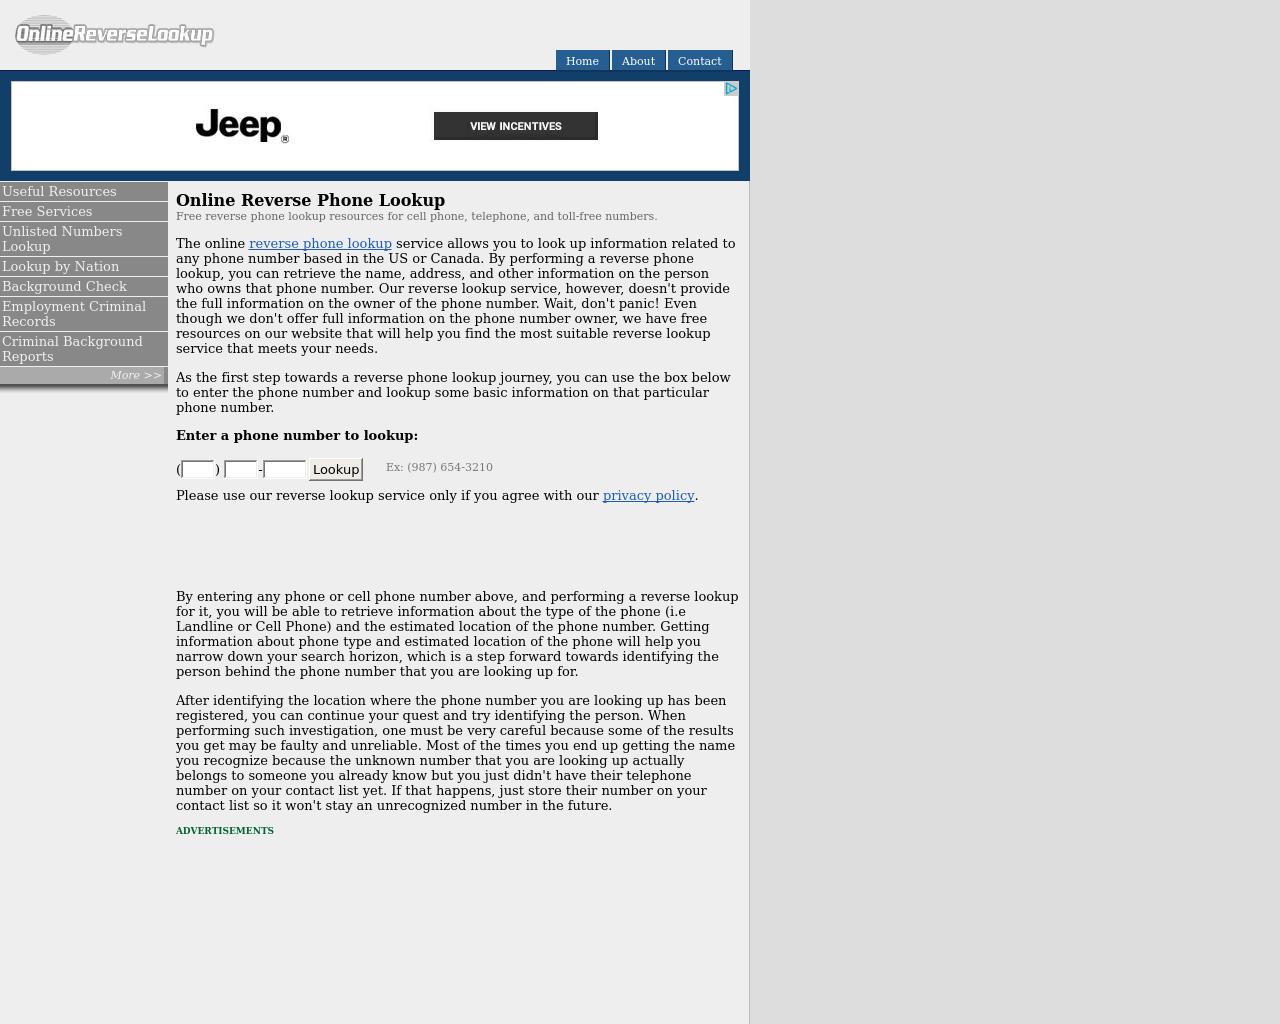 Online-Reverse-Lookup-Advertising-Reviews-Pricing